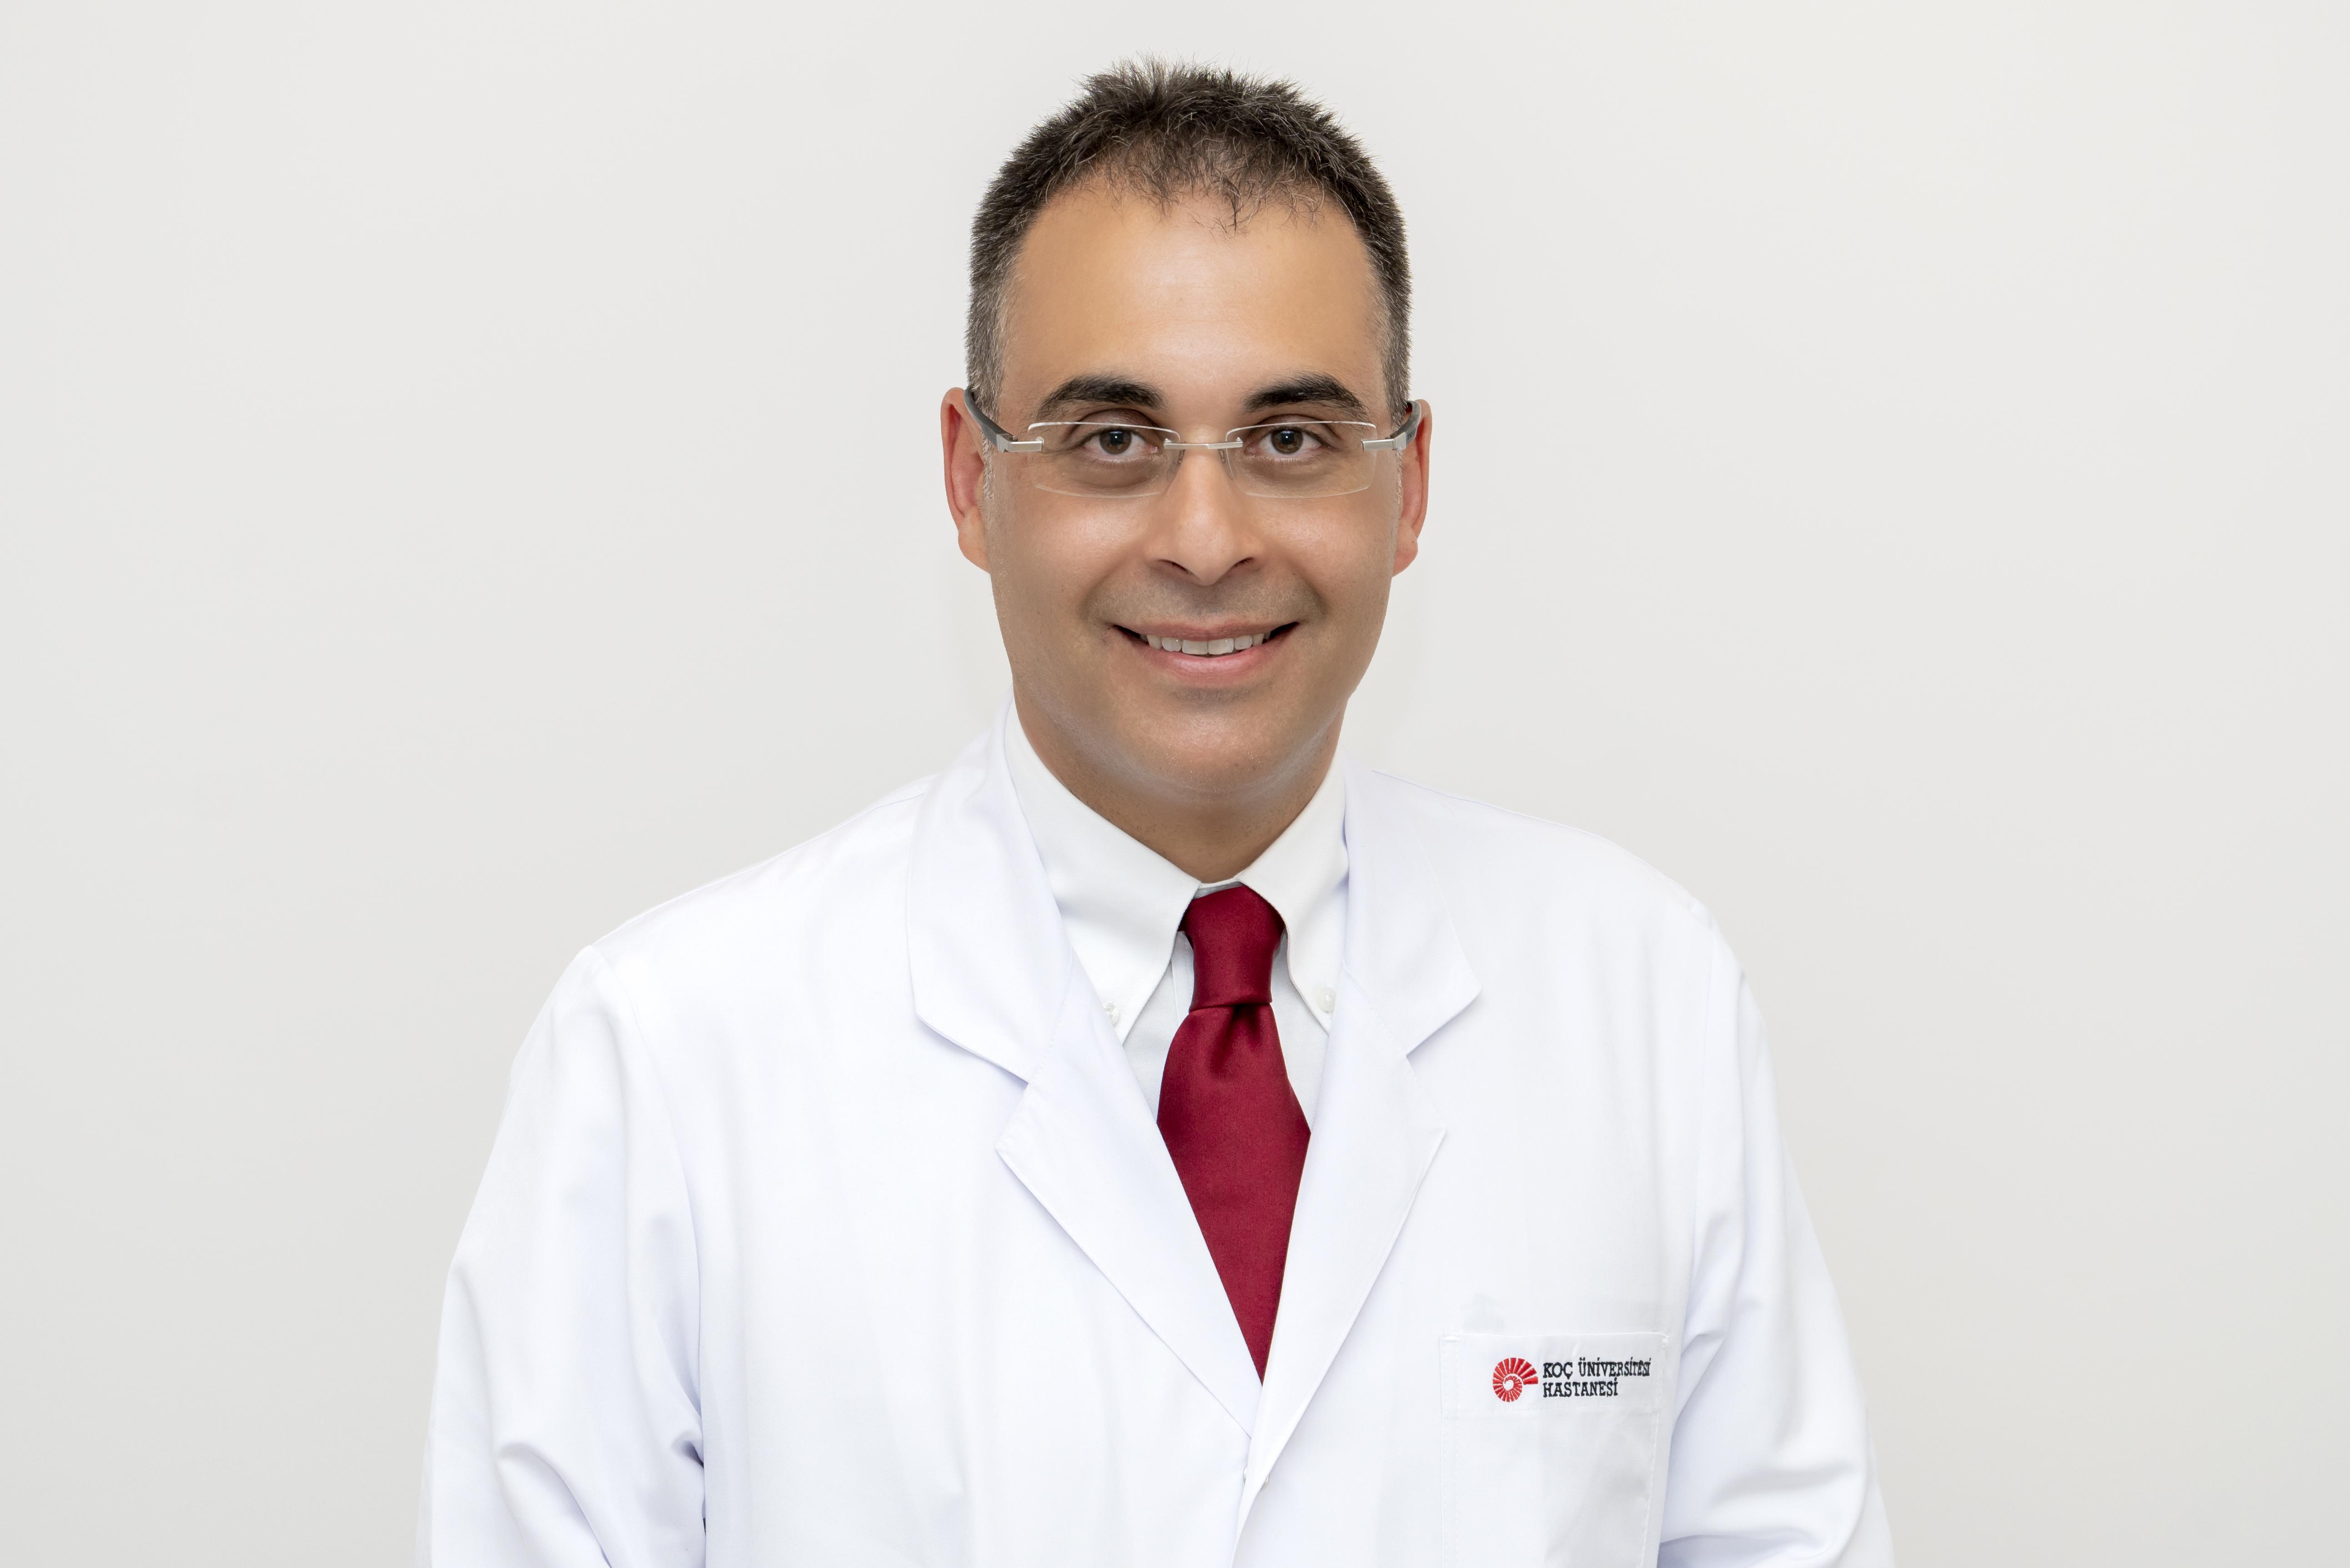 """Проф. Бурак Кочак е директор на Програмата за трансплантация на бъбреци и панкреас в Университетска болница """"Коч"""" (Koç University Hospital) в Турция."""